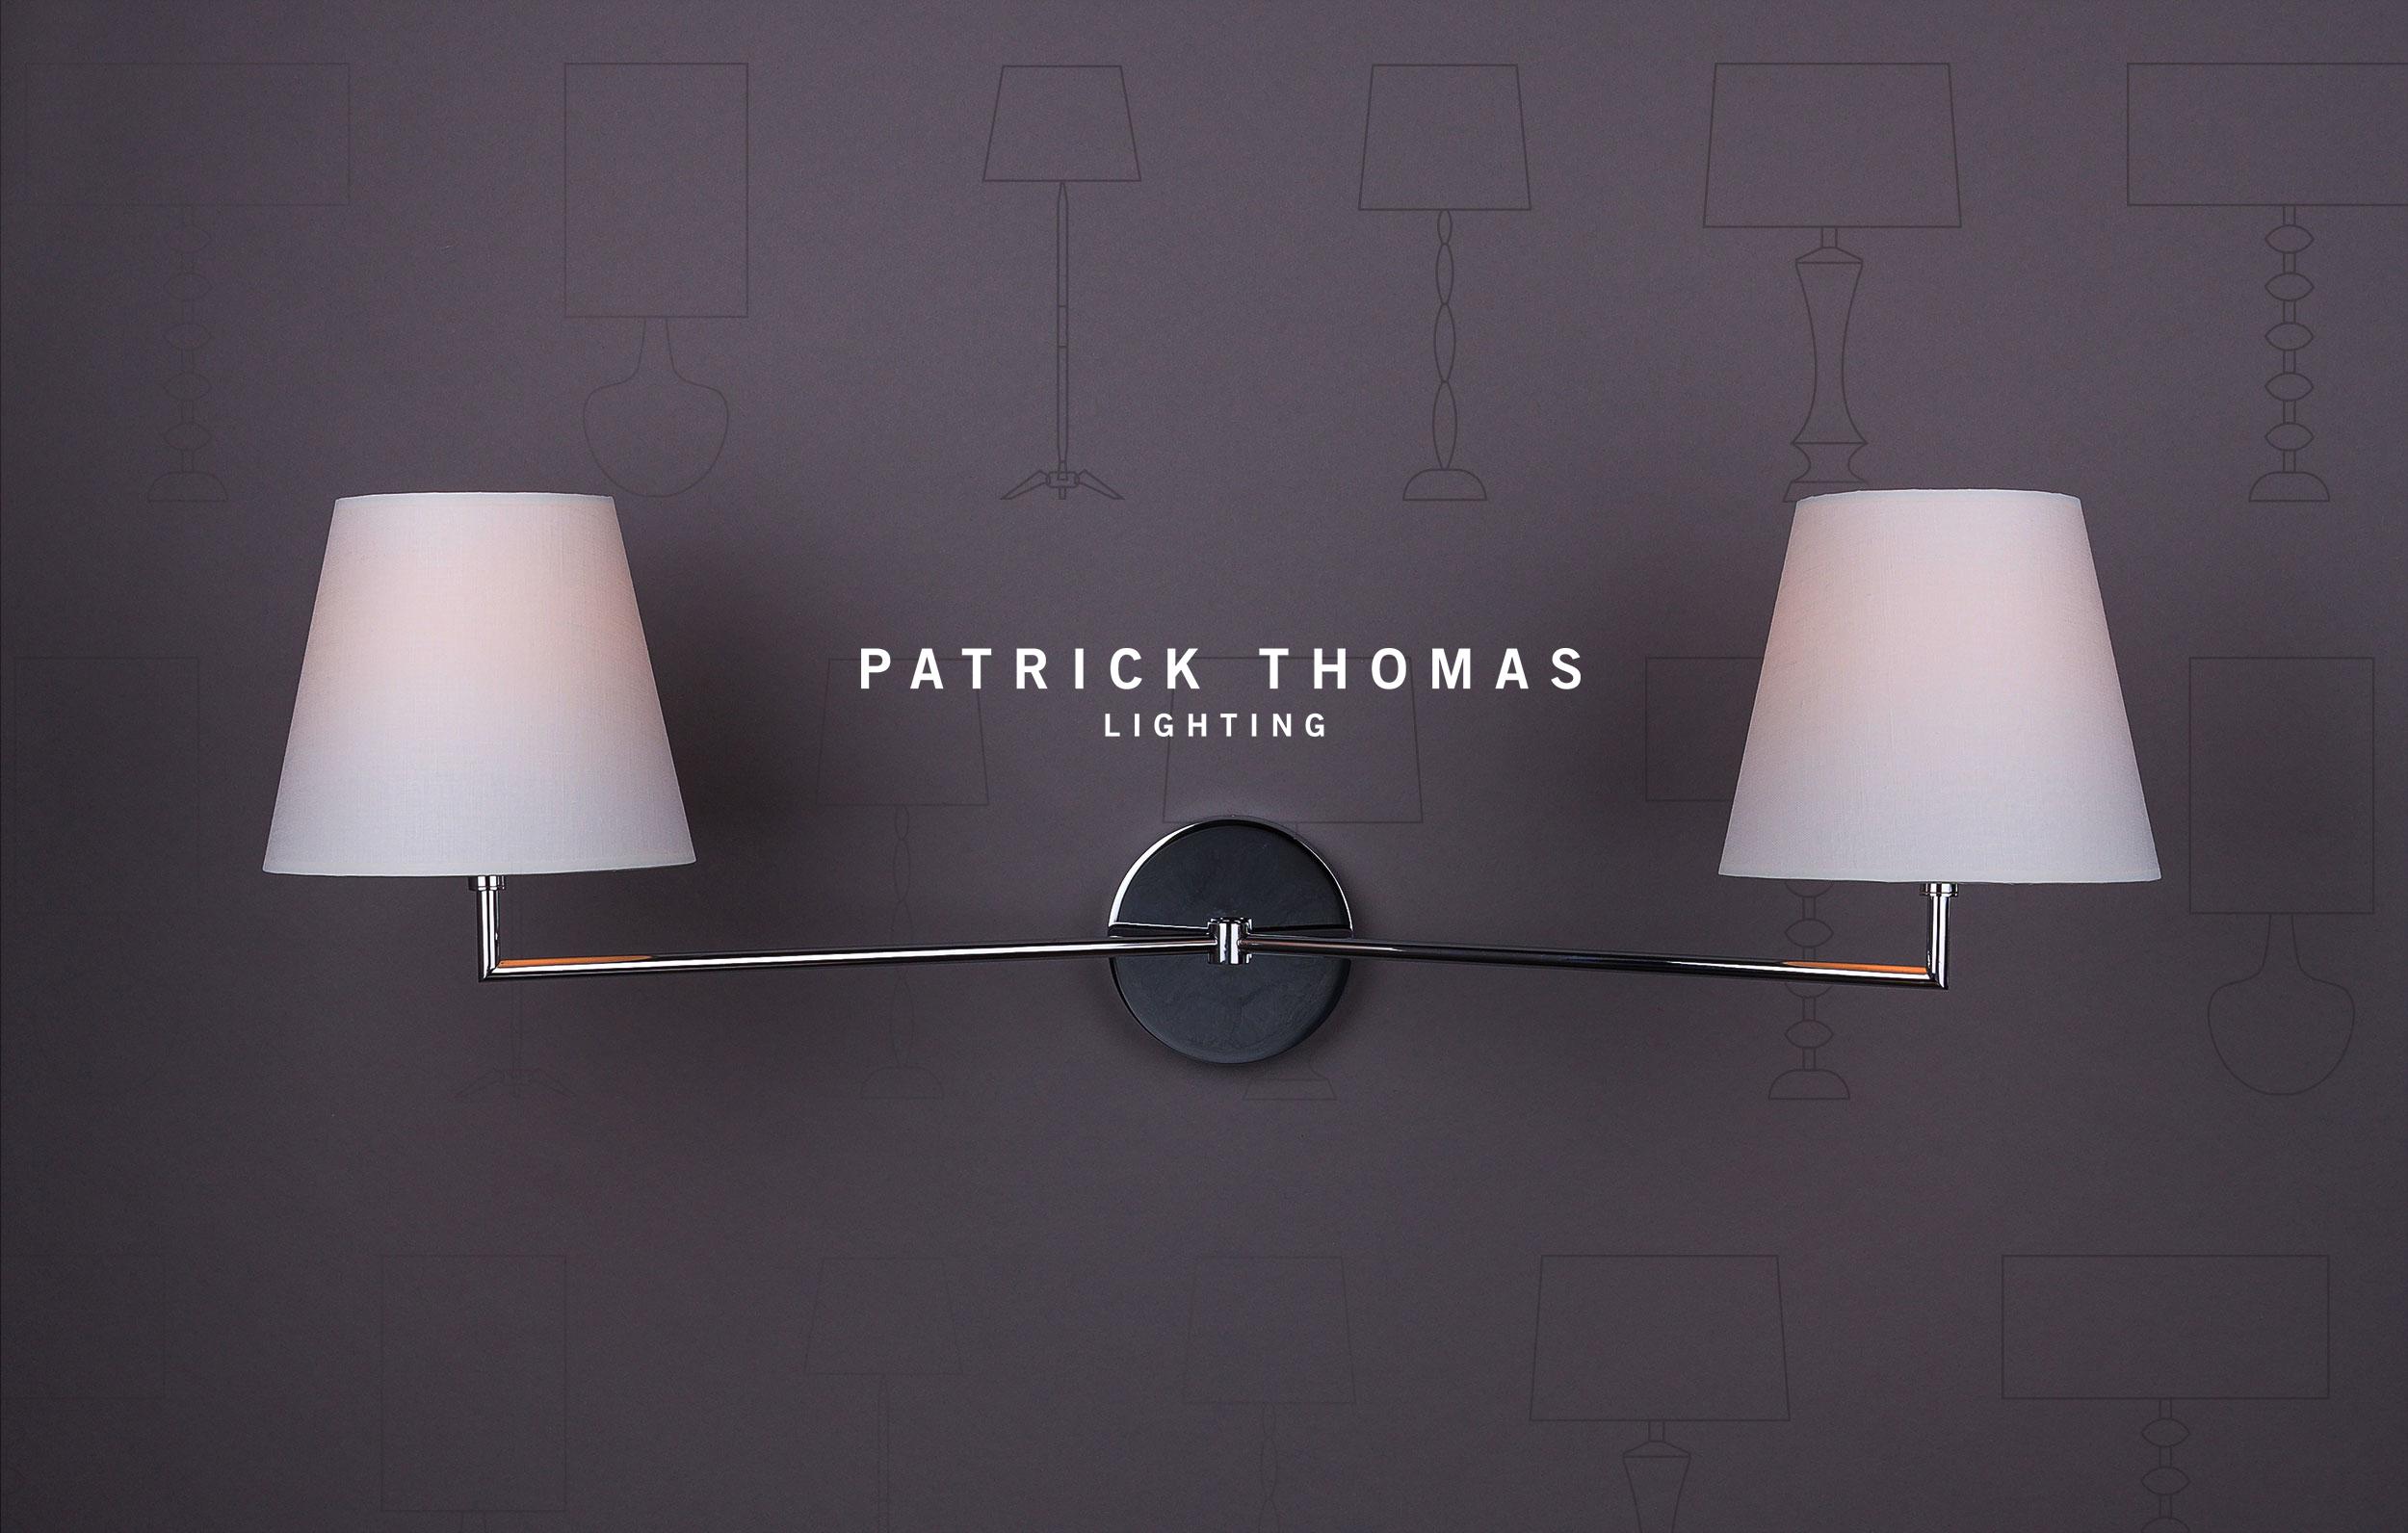 lighting thomas patrick